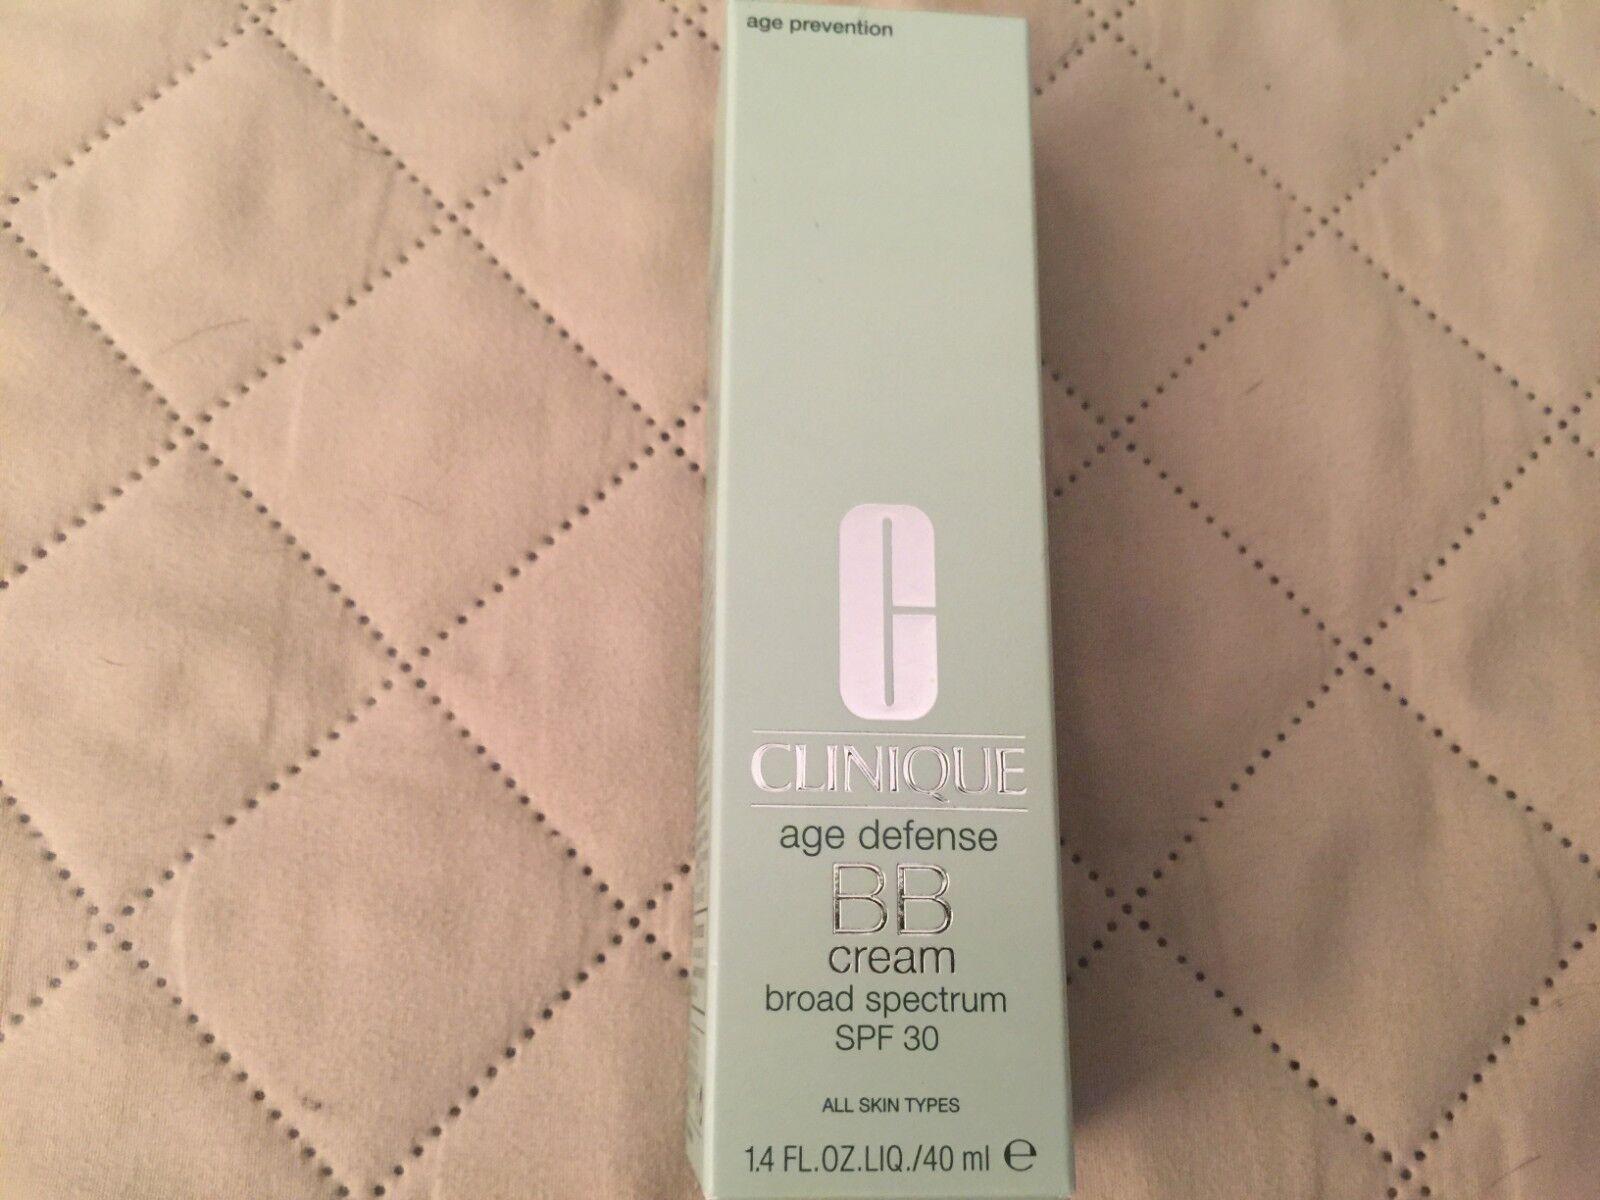 Clinique Age Defense BB Cream SPF 30 Shade 03  1.4 oz BNIB A